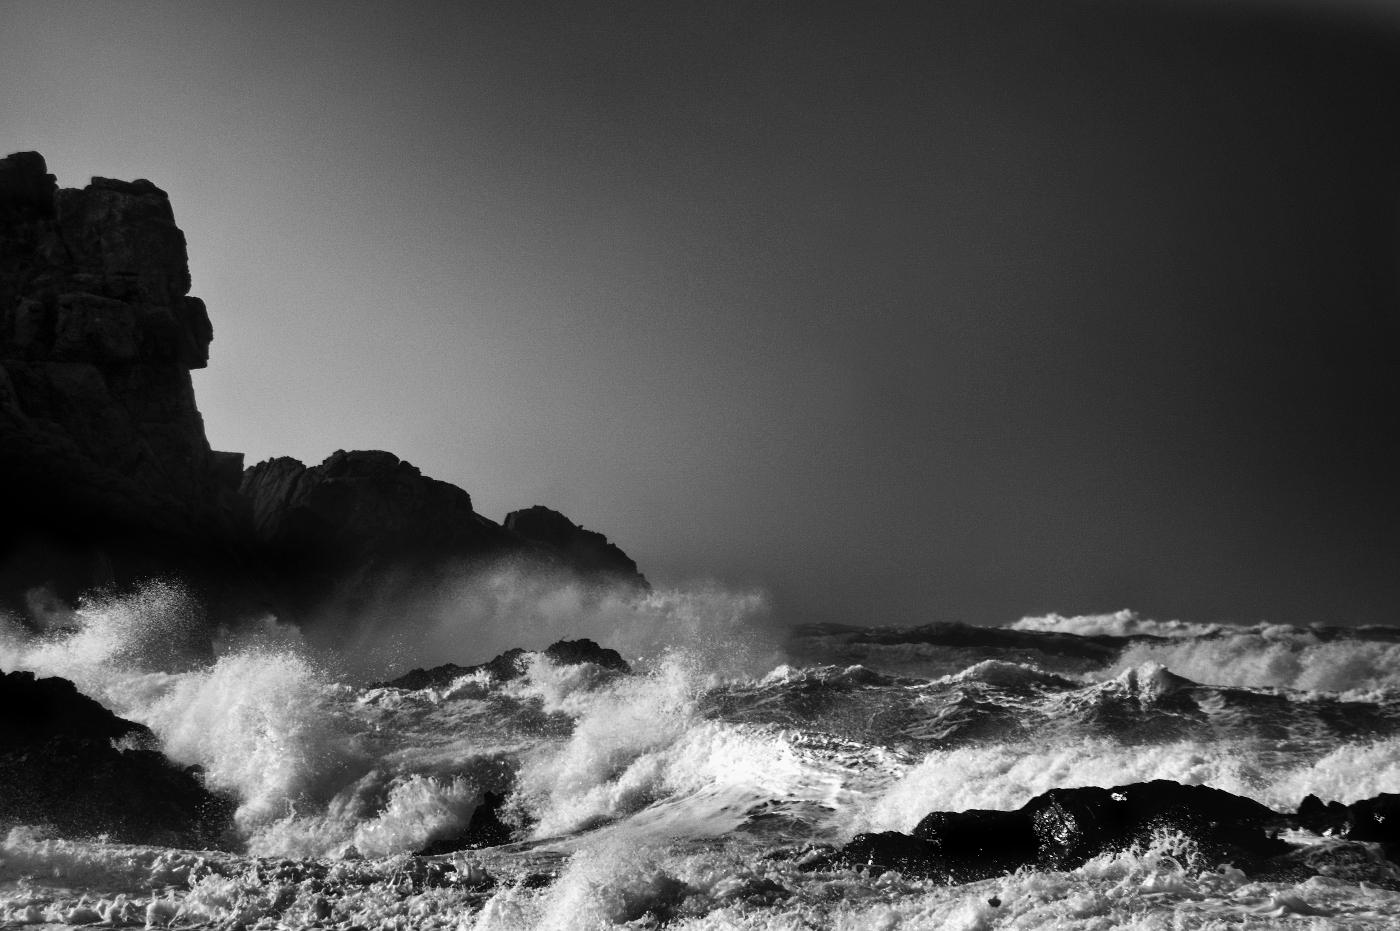 tempête sur la côte rocheuse - noir et blanc